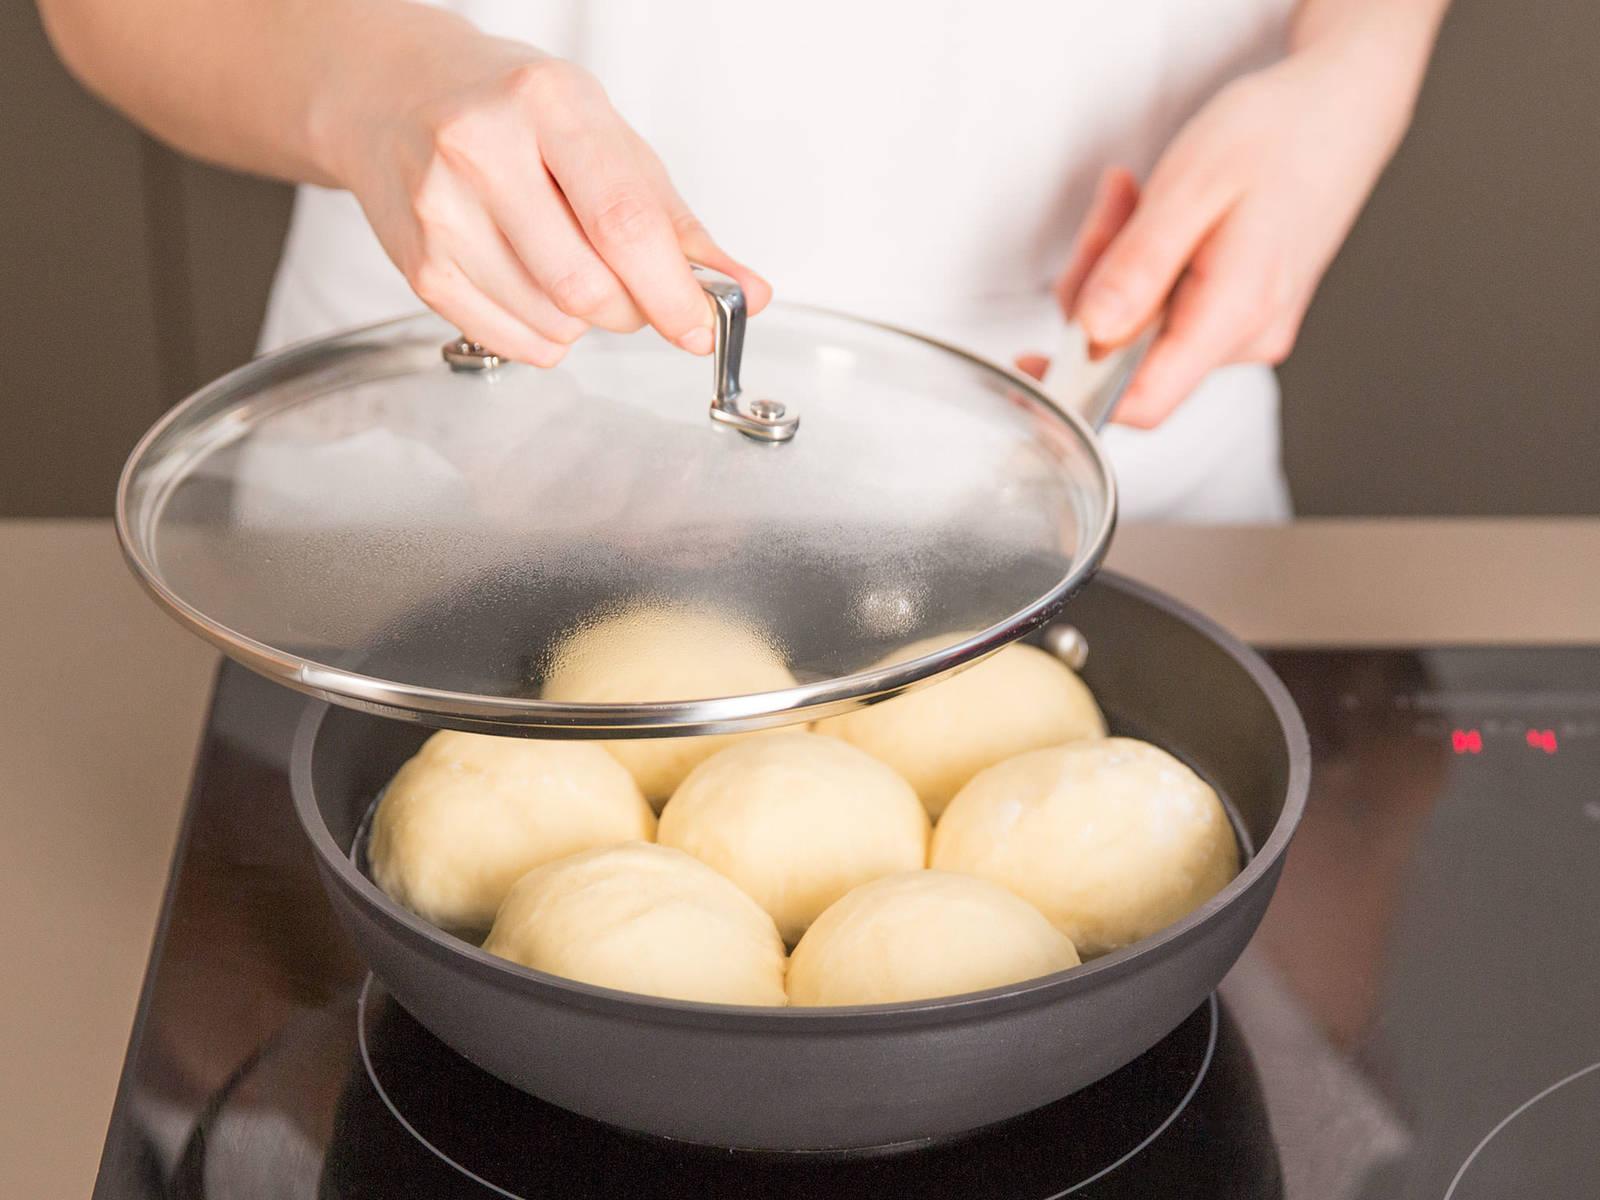 In einer großen Pfanne Wasser, Salz und Öl bei mittlerer Hitze leicht aufkochen. Dampfnudeln hinzugeben, Wärmezufuhr reduzieren und zugedeckt ca. 15 – 20 Min. dämpfen. Vom Herd nehmen, Dampfnudeln auf einer Servierplatte anrichten und mit Vanillesoße servieren. Guten Appetit!